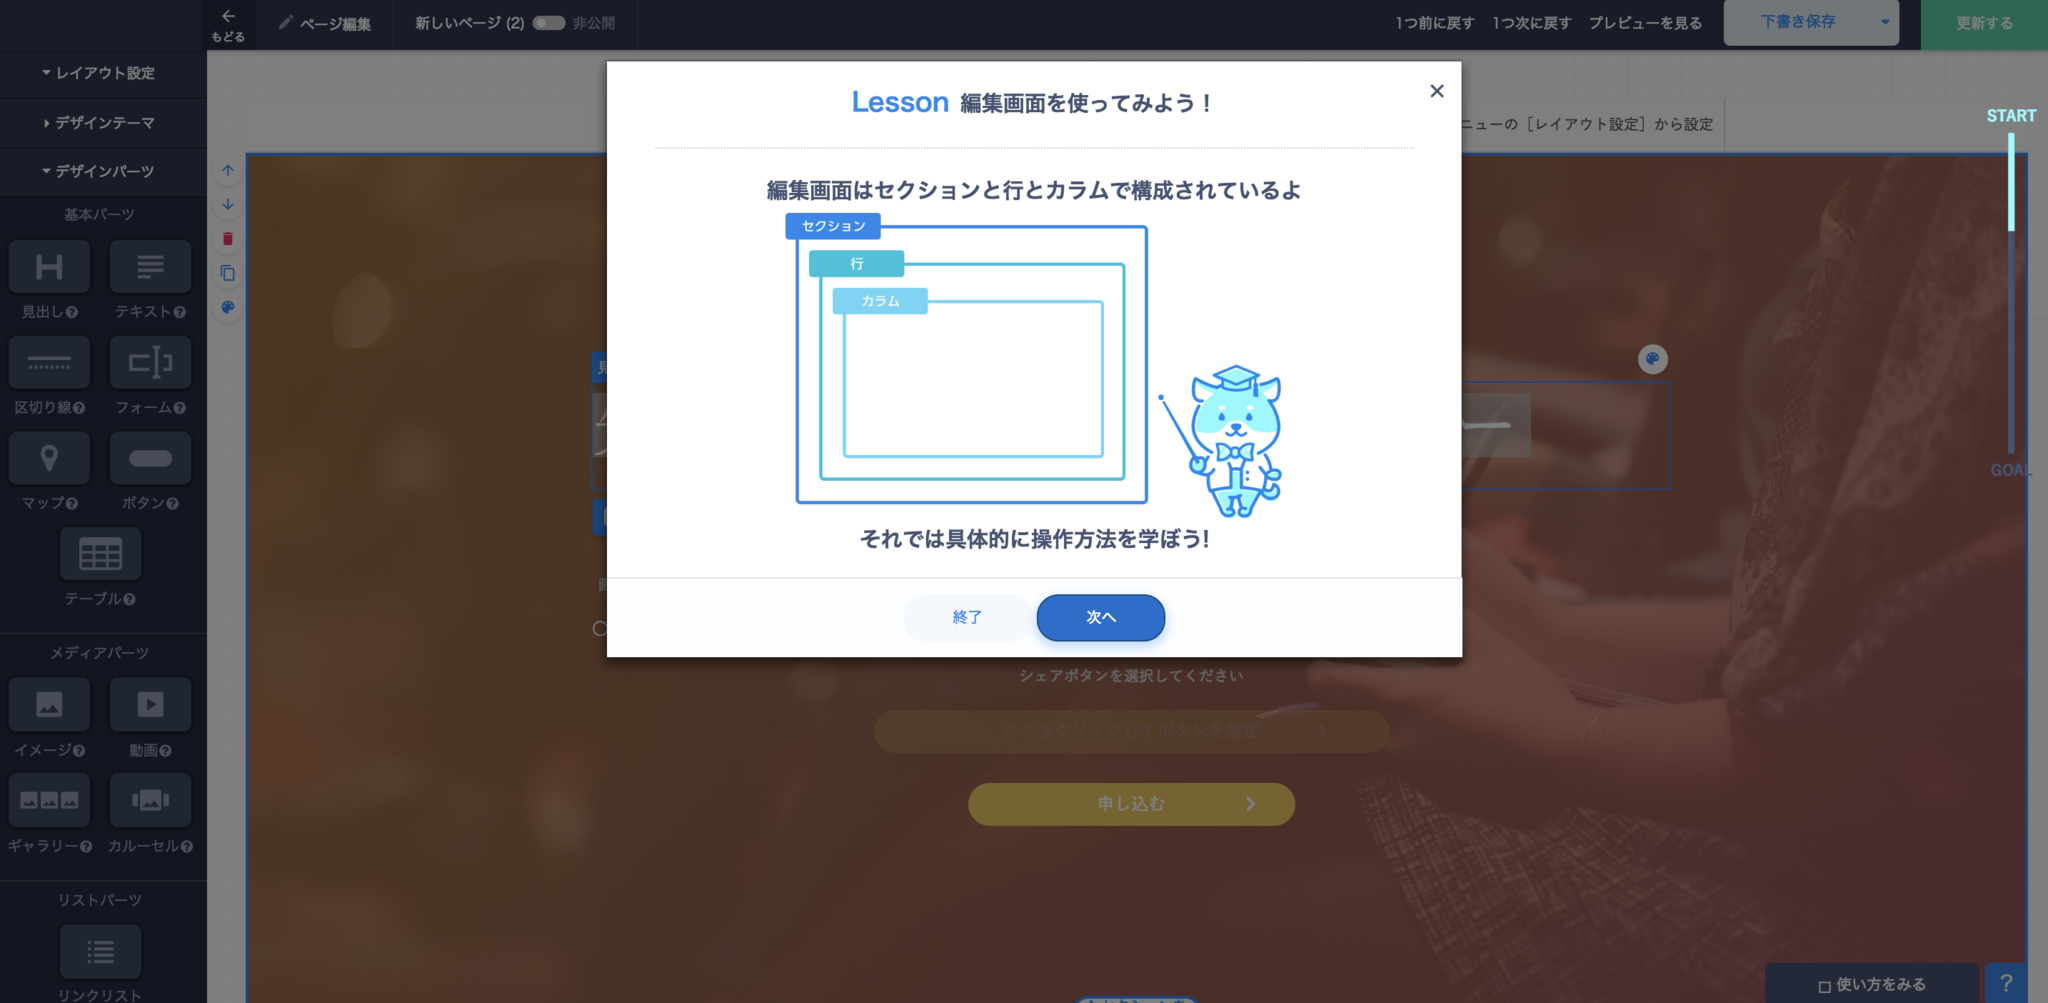 スクリーンショット_2018-06-03_15.12.36_(1).png